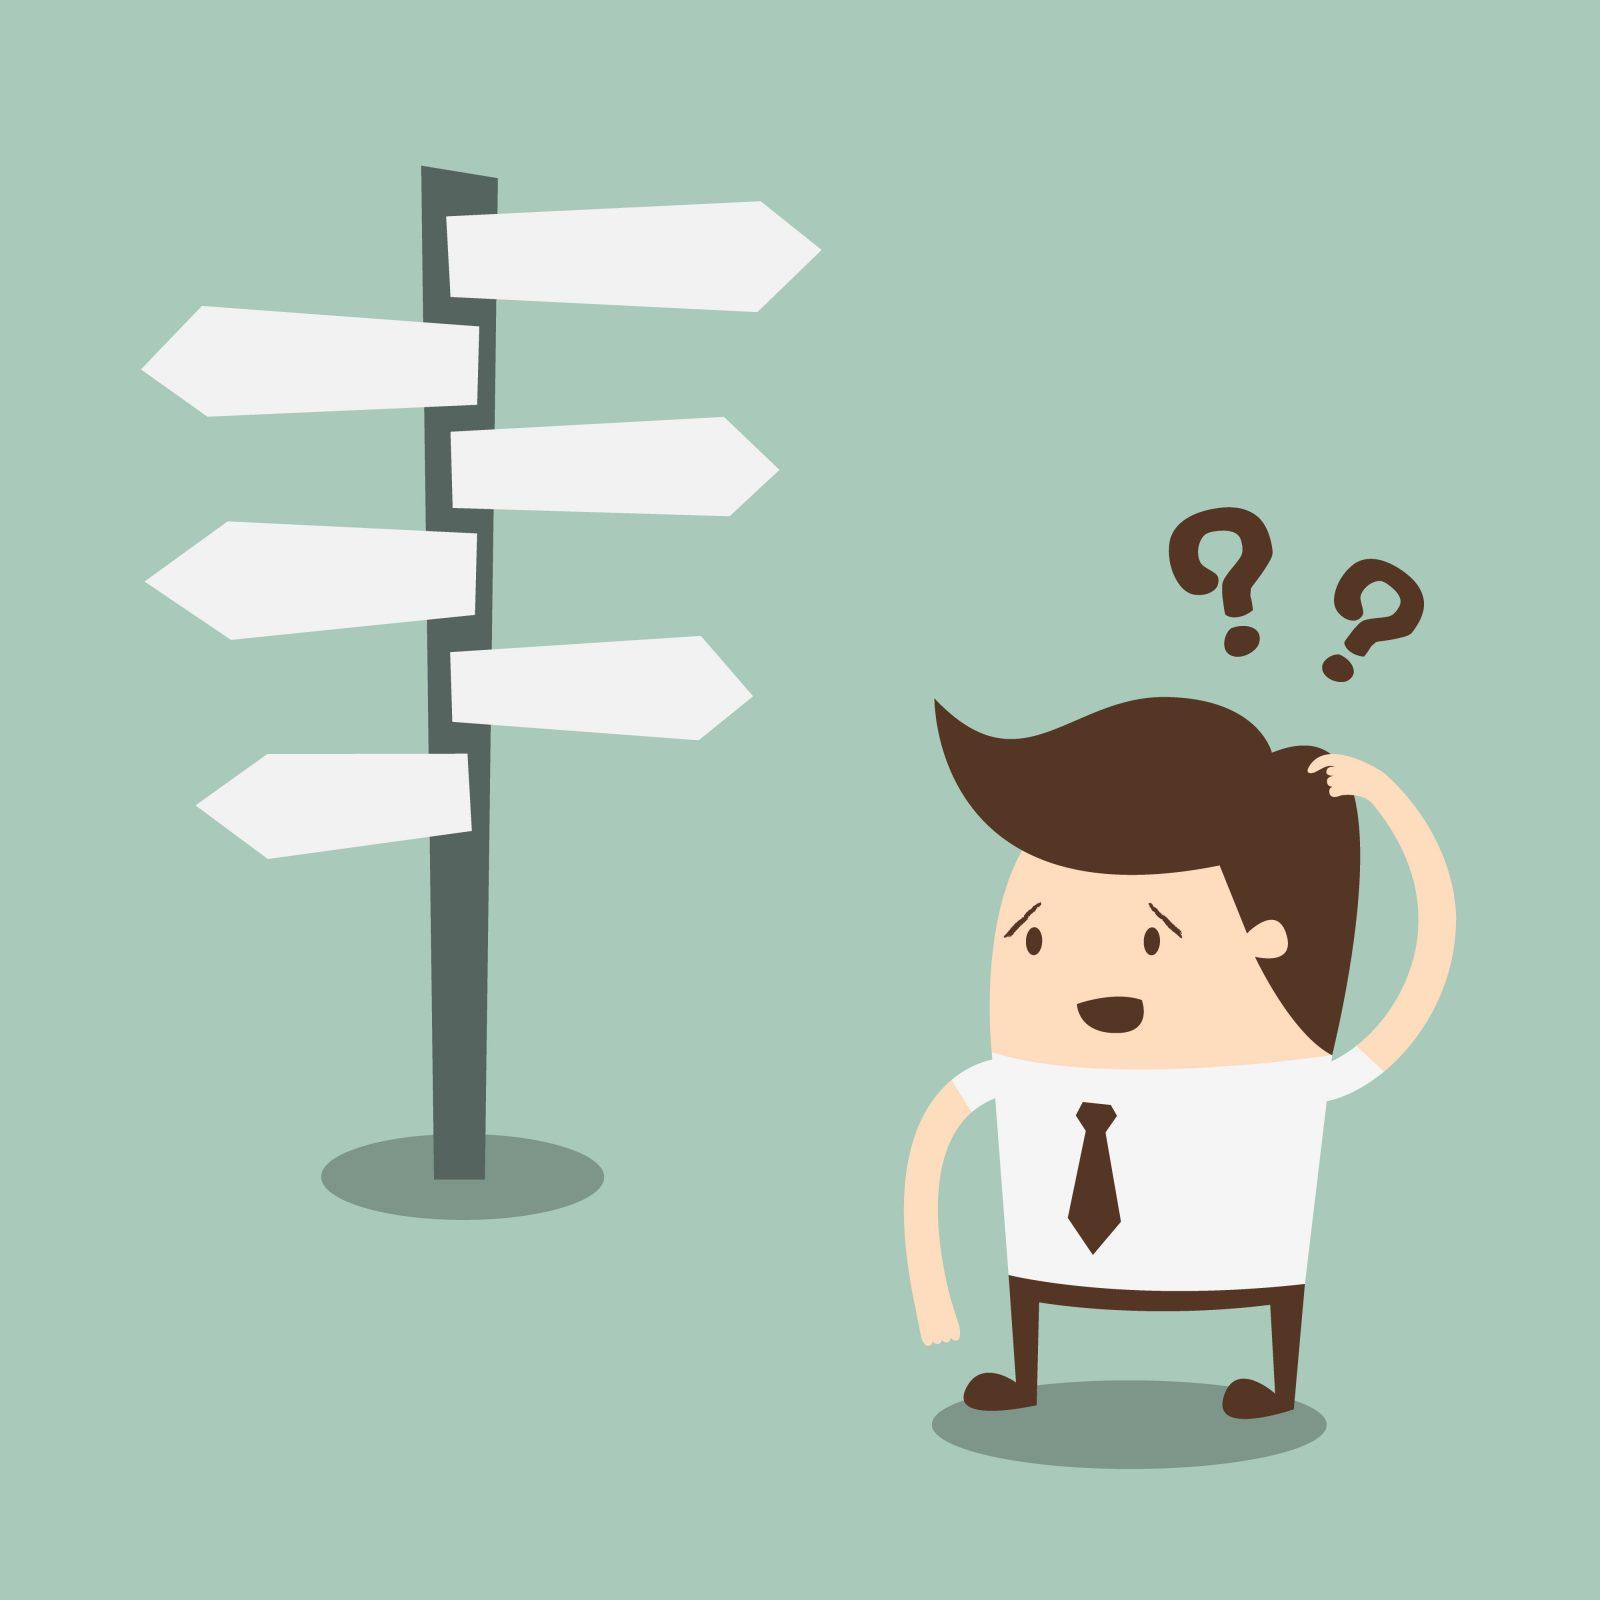 Person Pricing: Erfolgreiche Unternehmer (Teil II): Management By Delegation